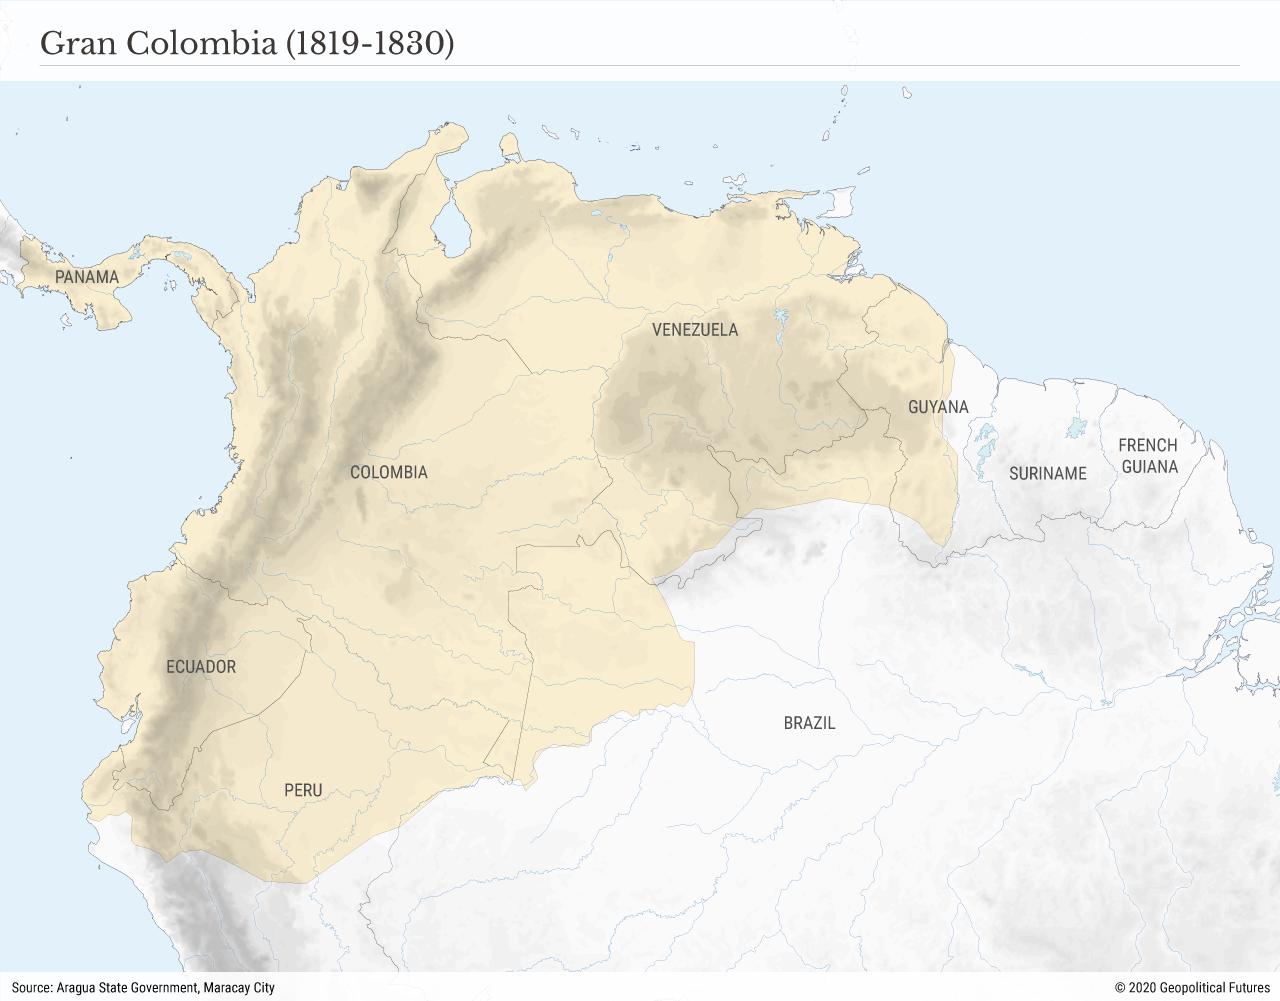 Gran Colombia (1819-1830)